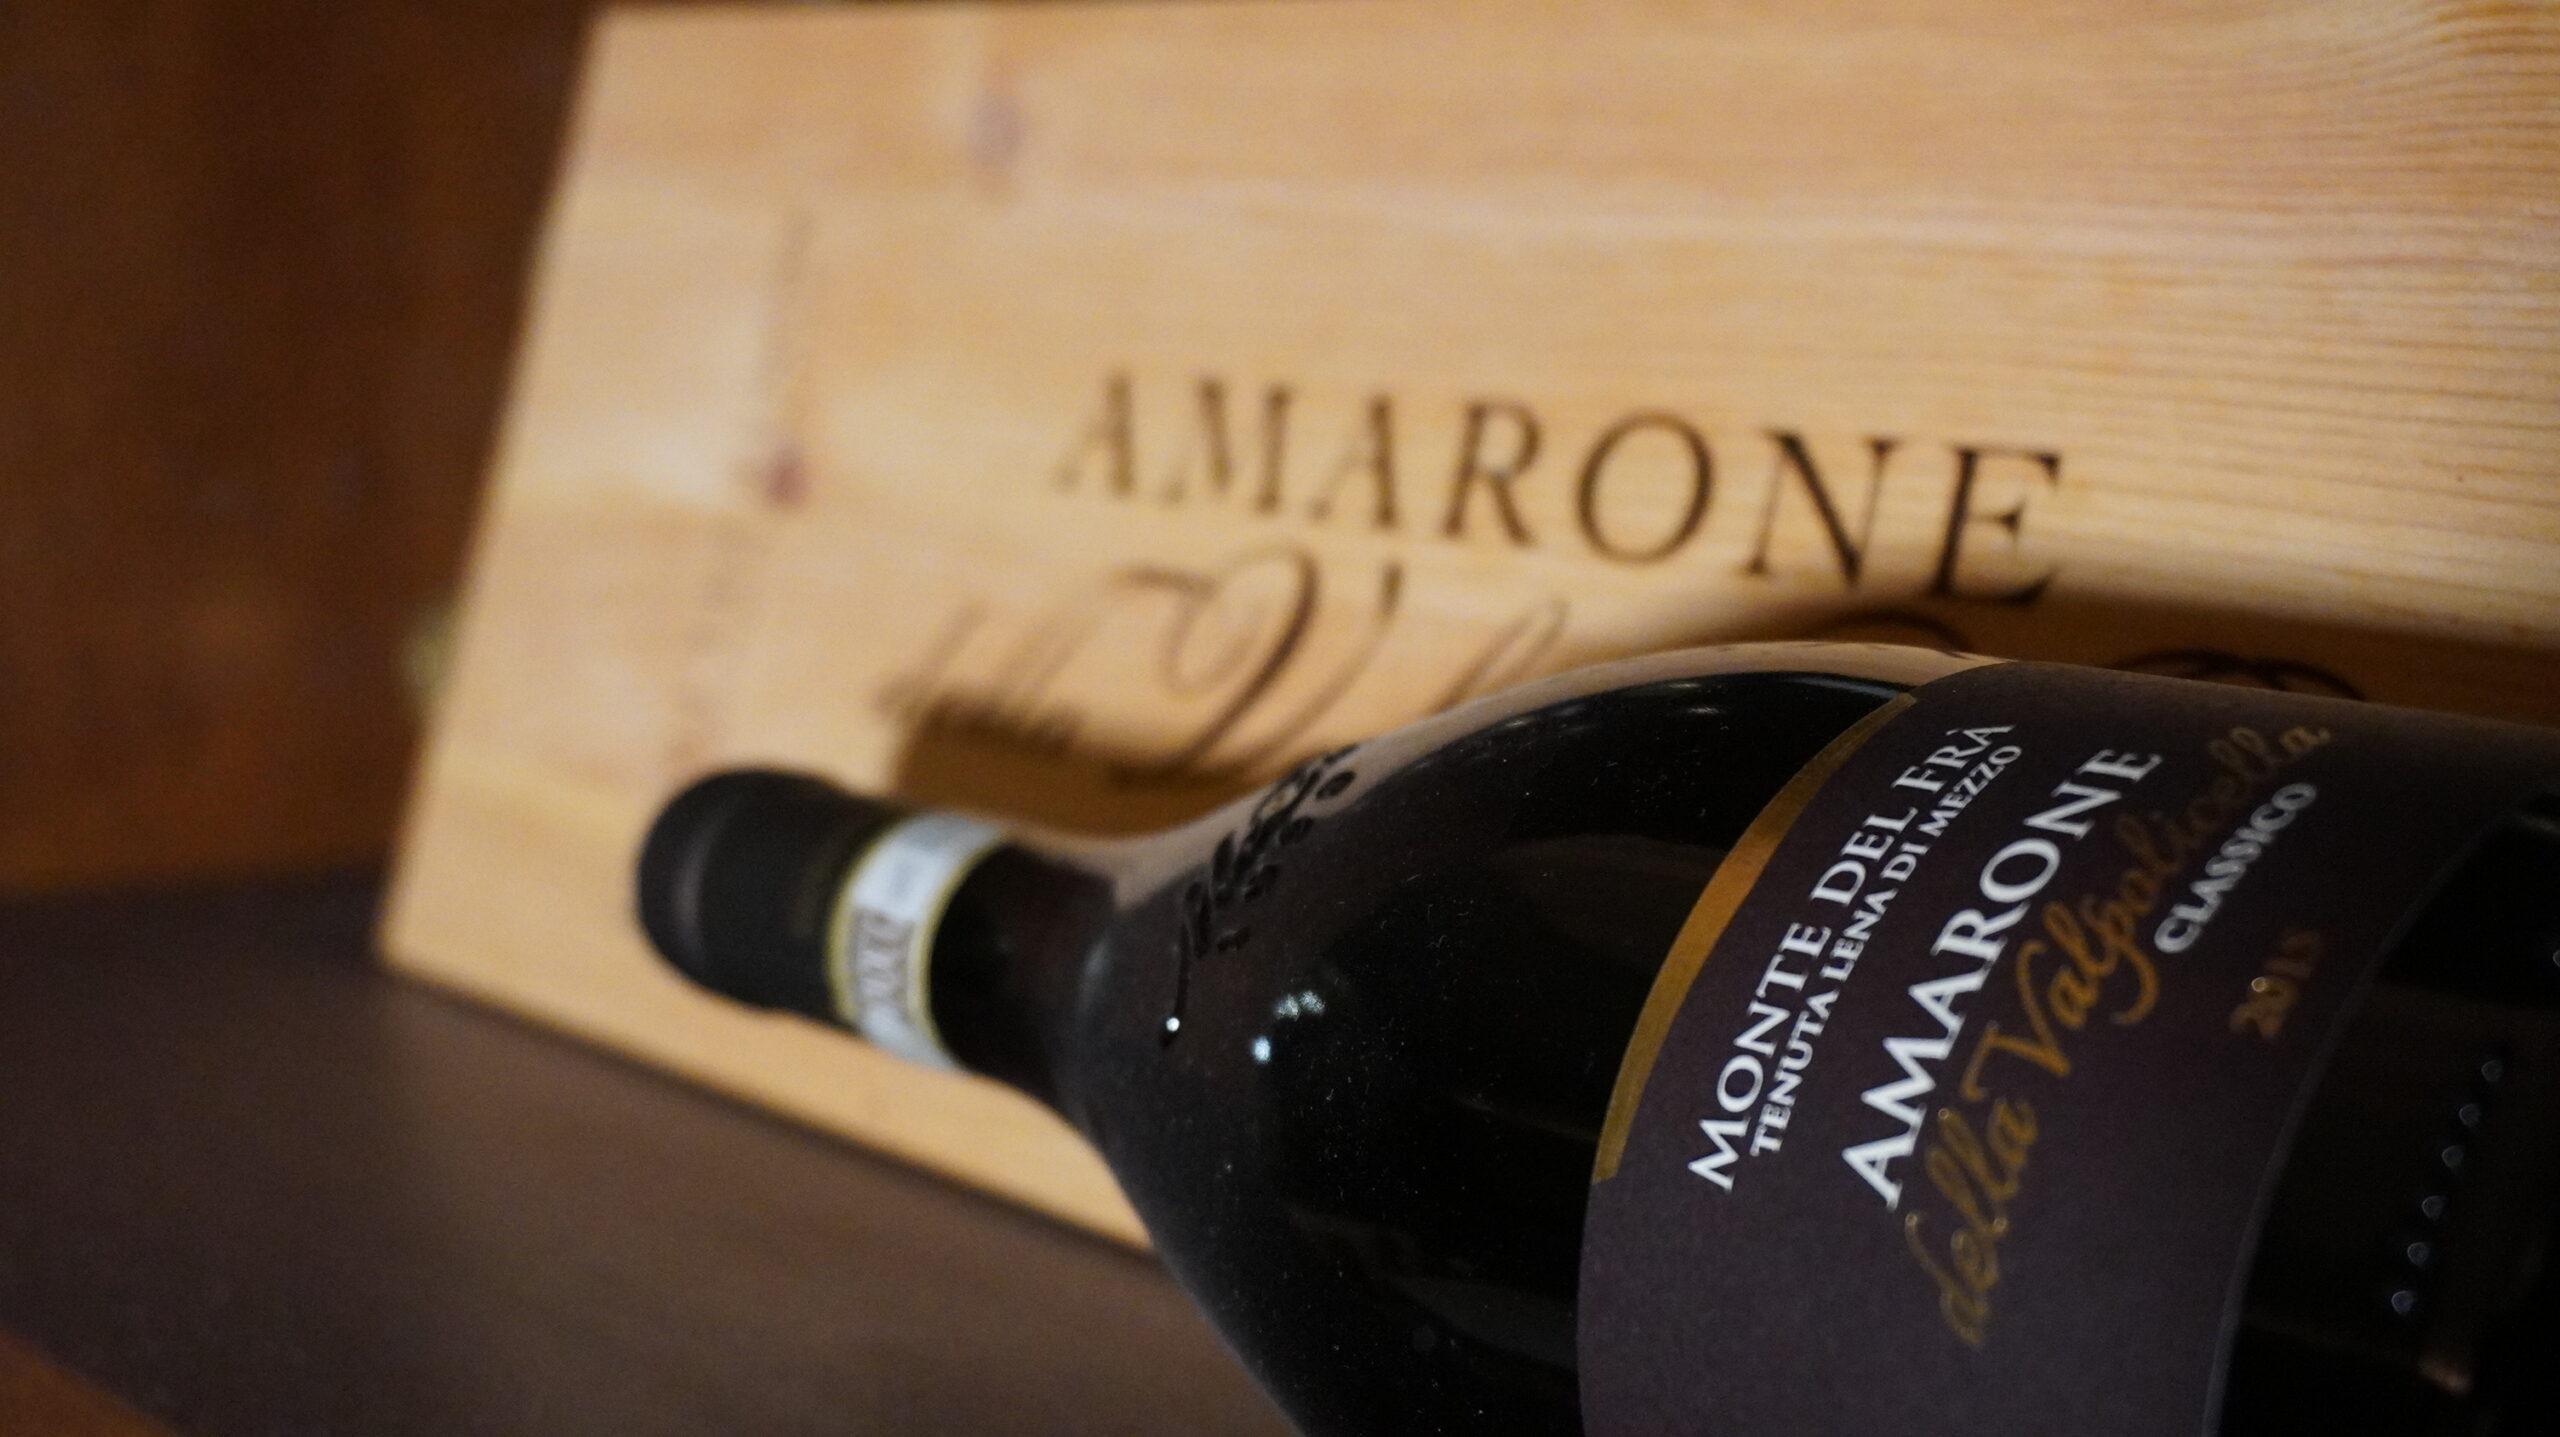 Degustazione verticale di Amarone della Valpolicella Classico Docg Tenuta Lena di Mezzo